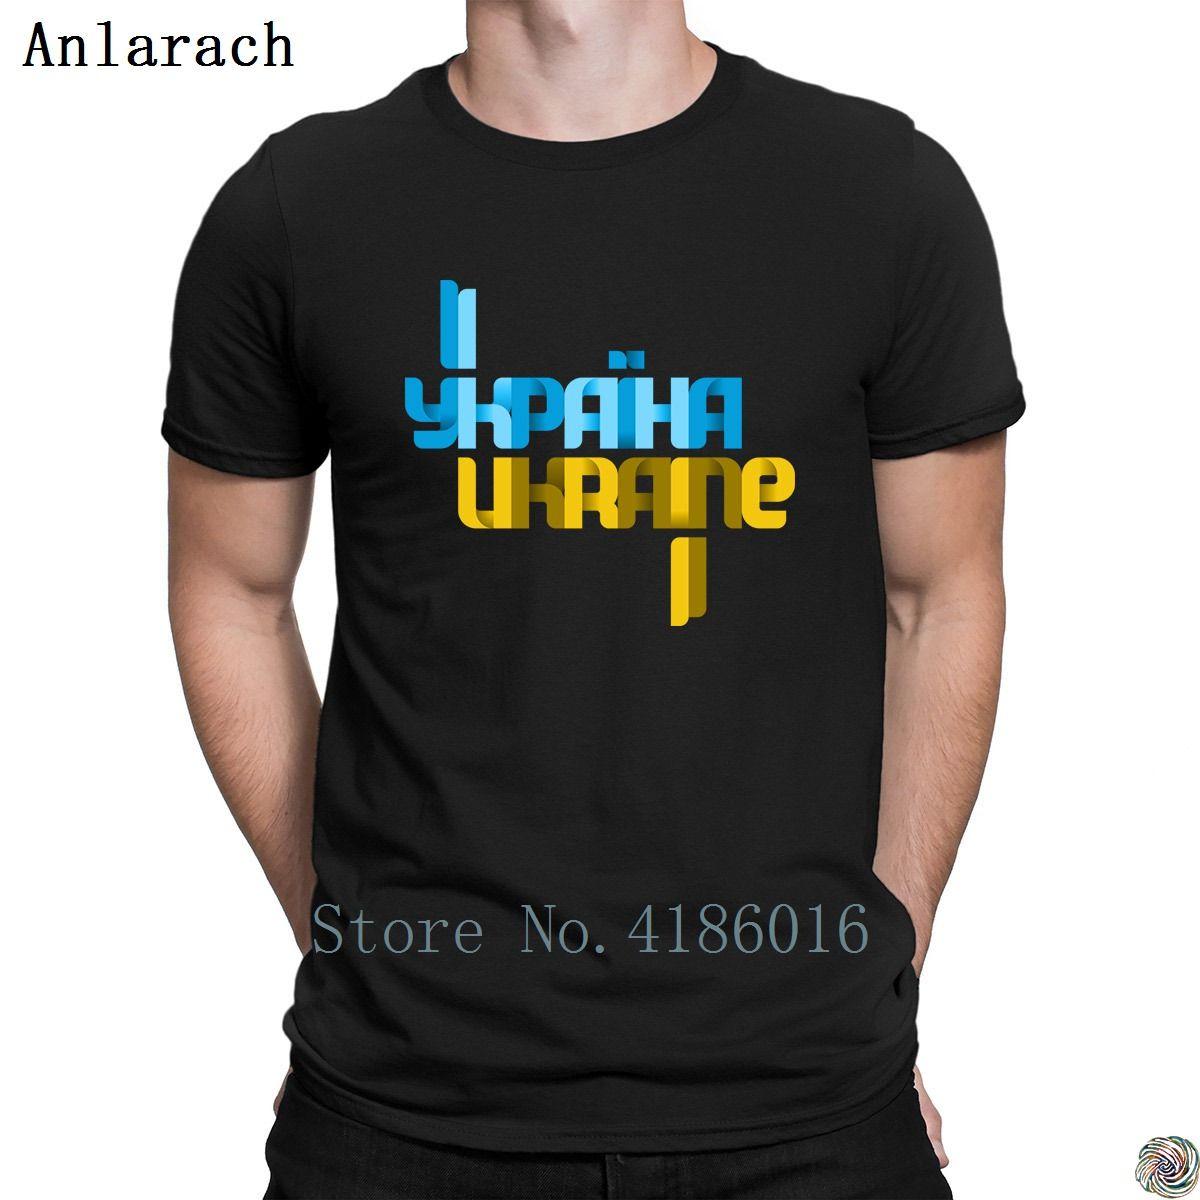 Ucraina tshirt eccentrico personalizzato classica maglietta a maniche corte per gli uomini 2018 unisex Pop Top Tee Anlarach modello